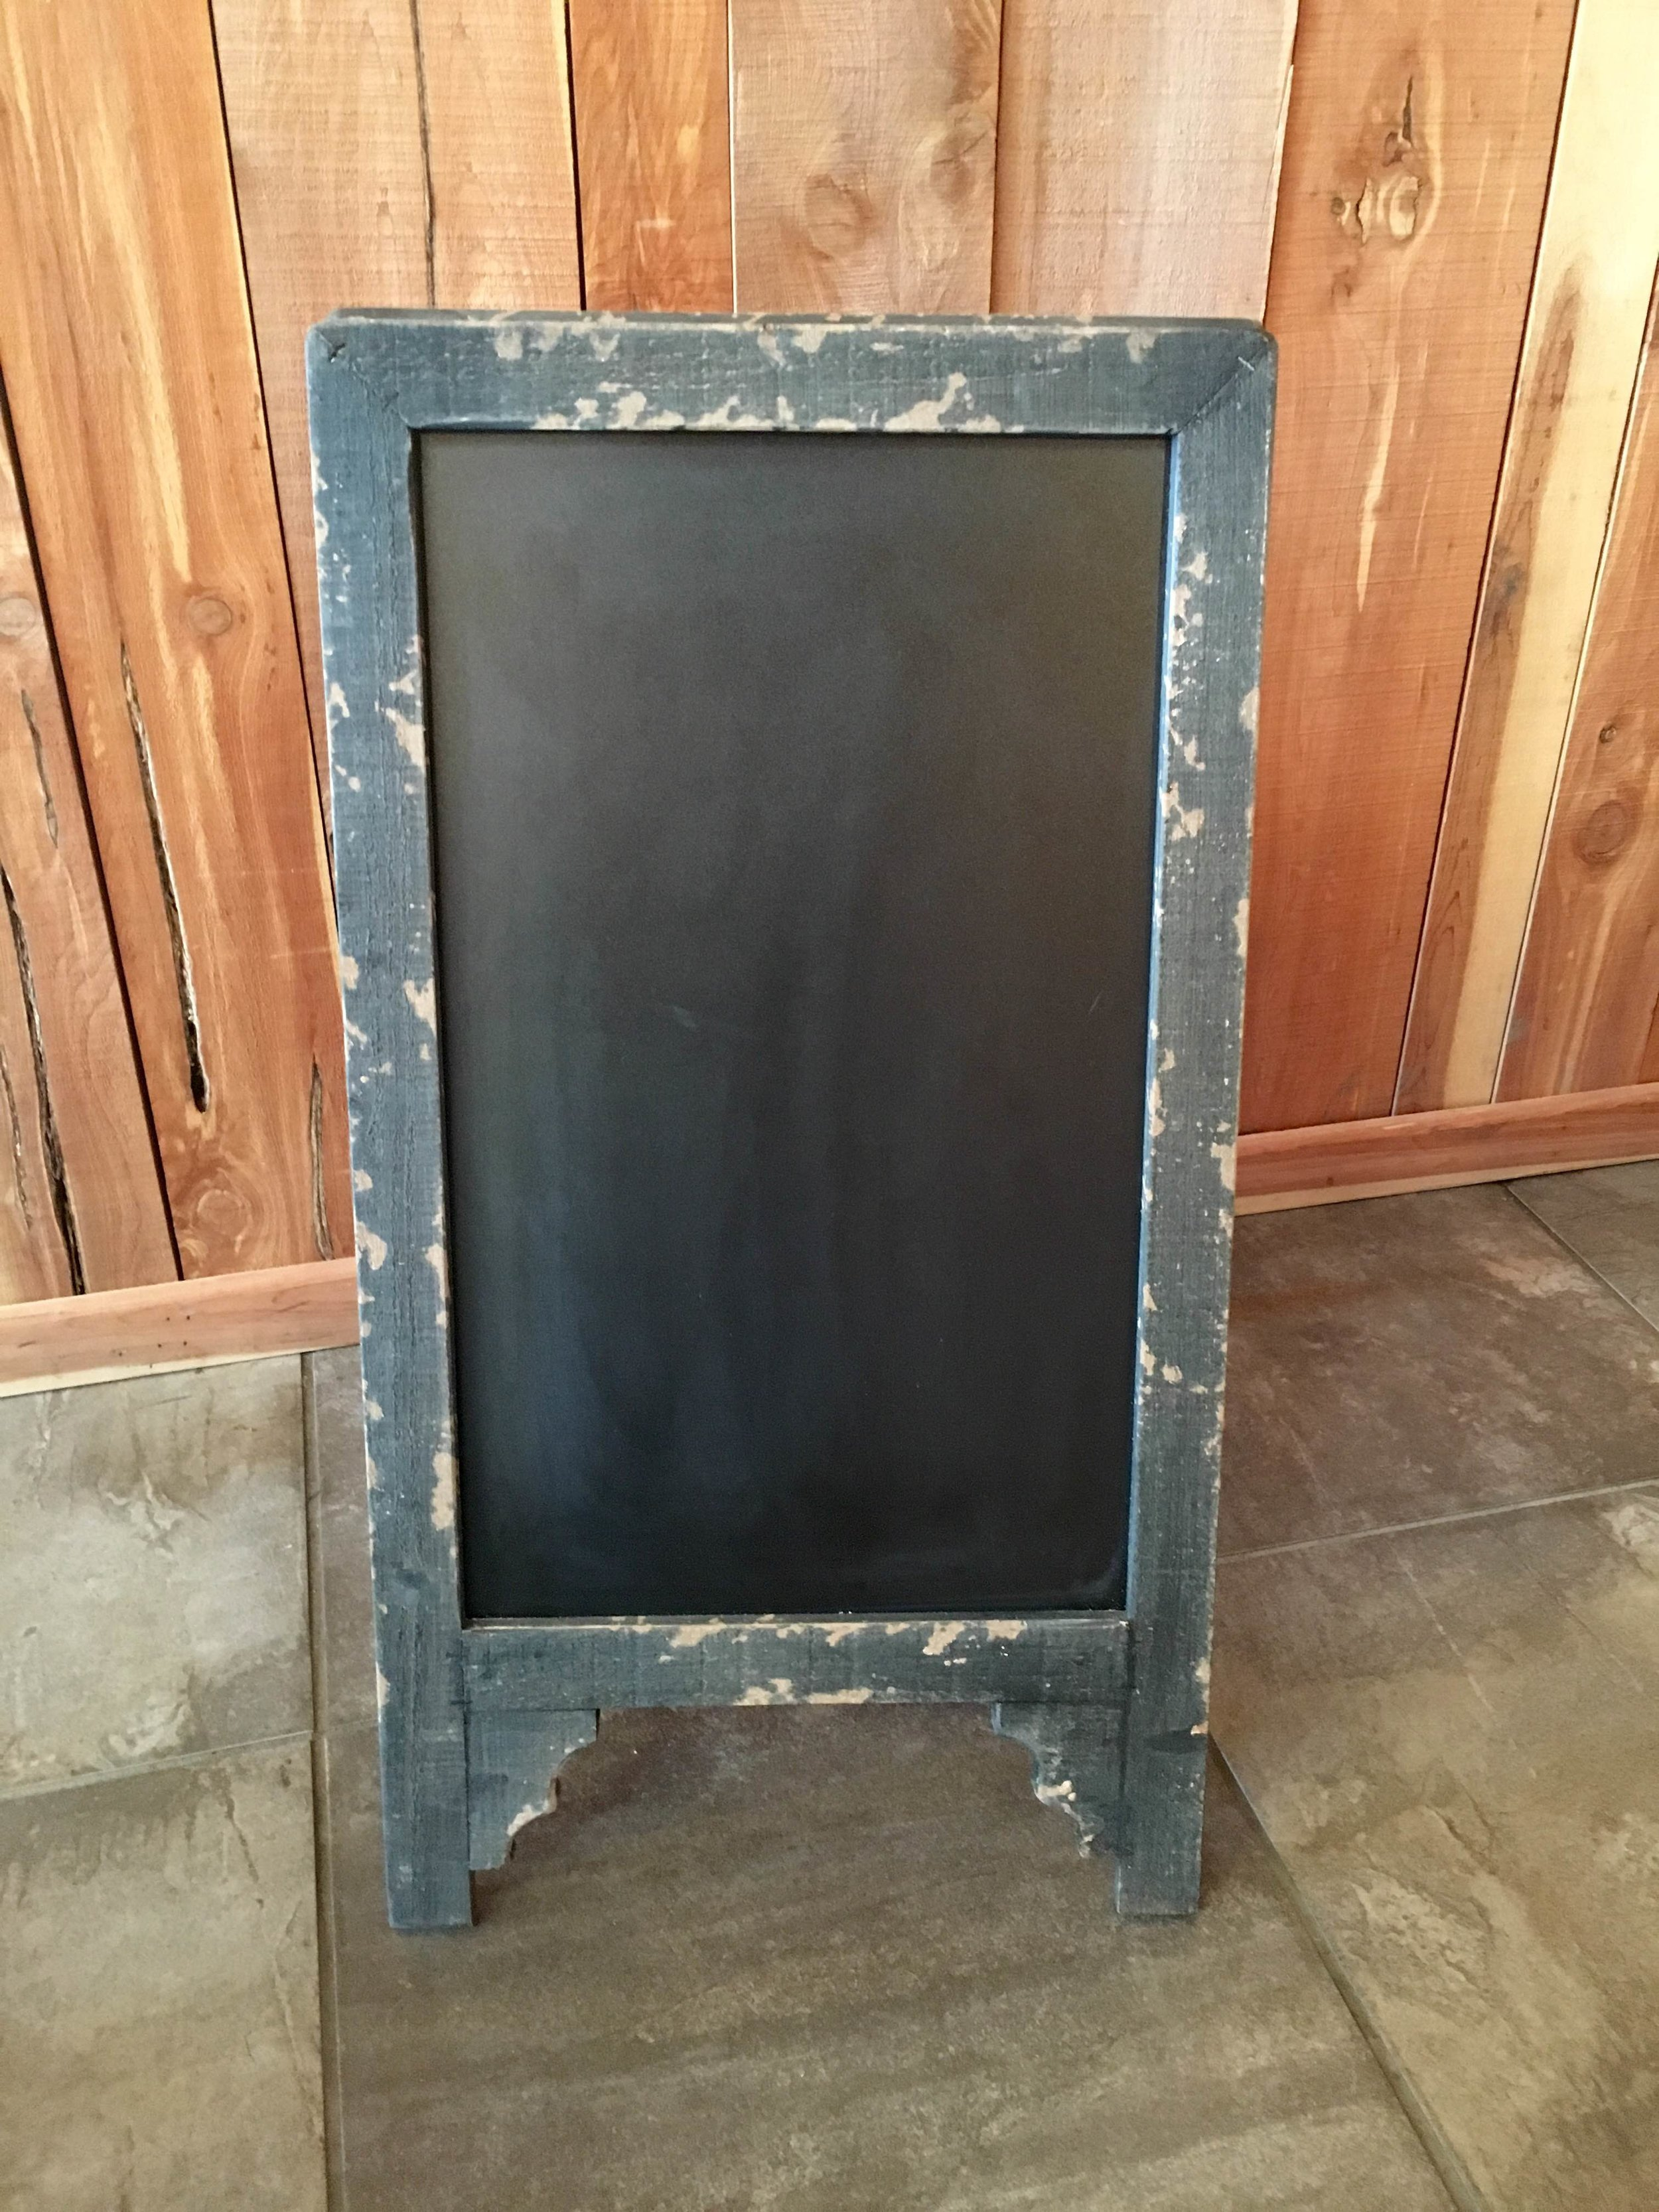 #178 - Chalk Board Easel